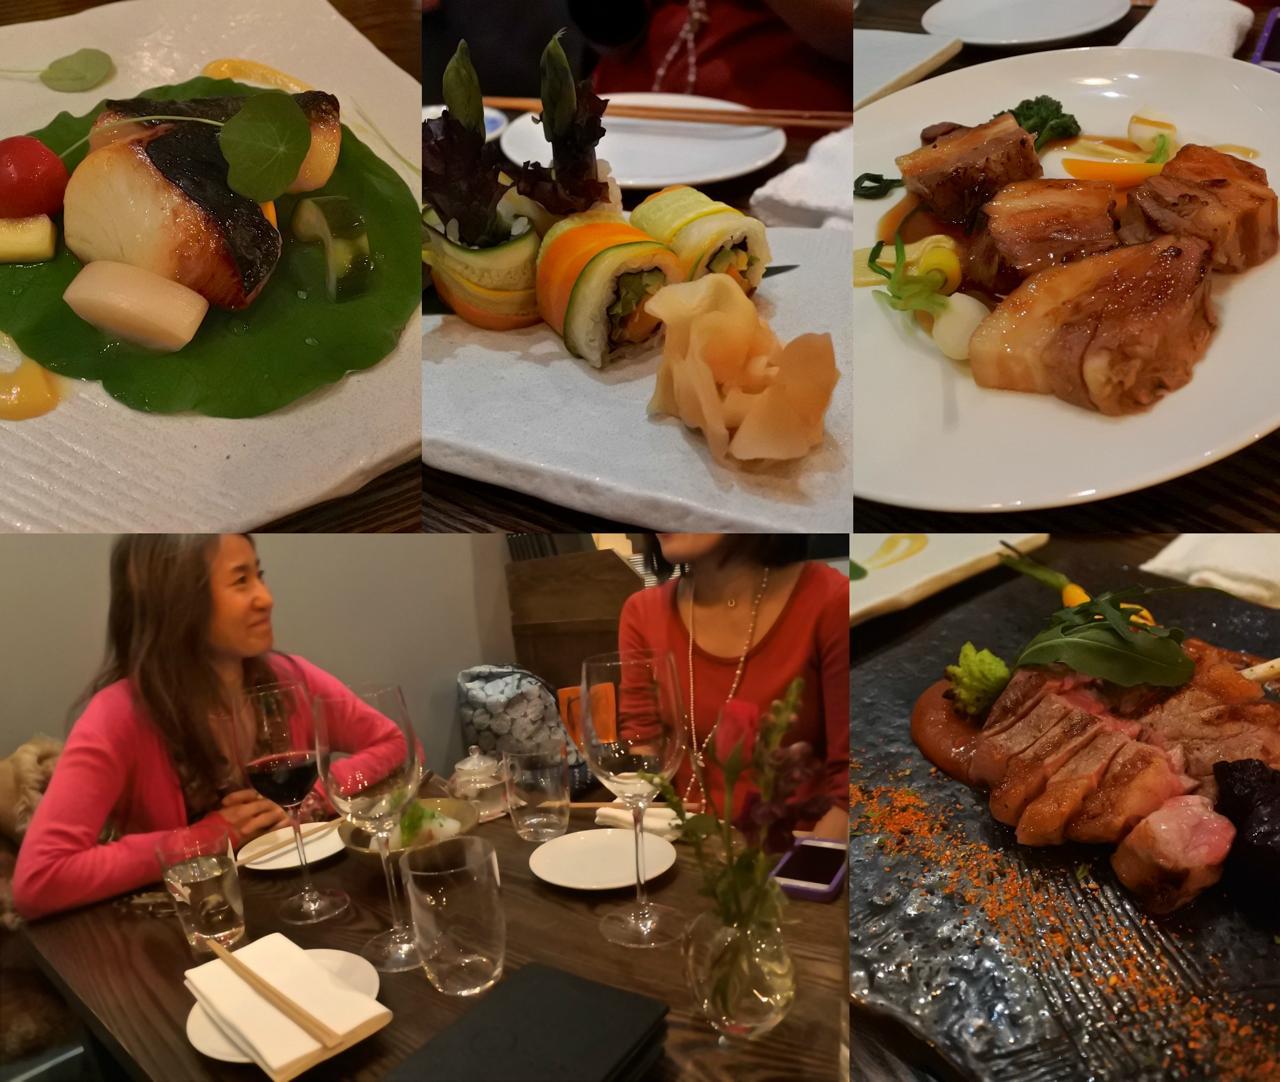 左上は初めて注文した銀ダラ西京焼☆ お魚はもちろんのこと、野菜のピクルスまで旨い!  野菜巻き(上中)は超おすすめ。Time Machineと名付けられた豚の角煮的な料理も美味。左下は唯一顔出しOKのカイルさん ^^